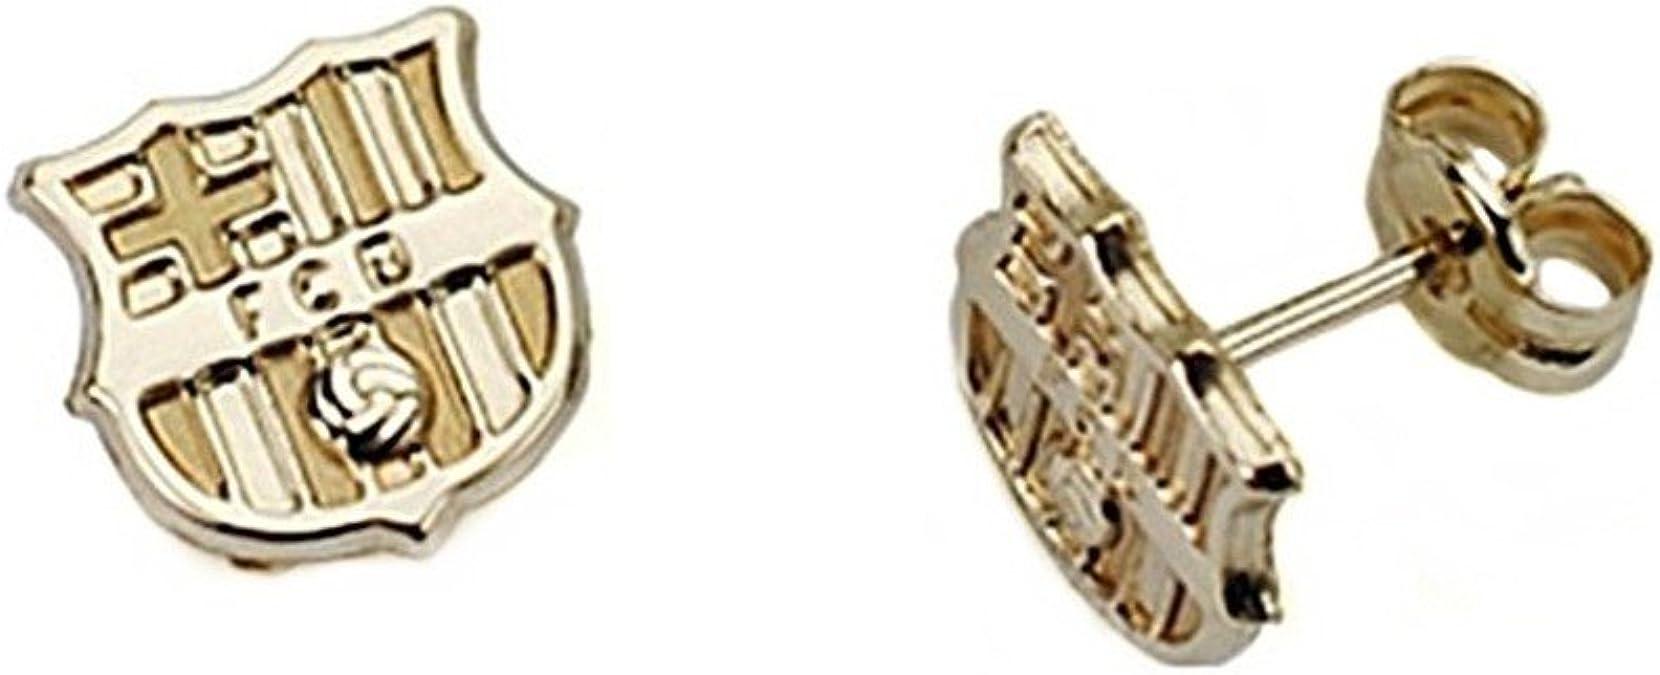 Pendientes escudo F.C. Barcelona oro de ley 9k liso [6553] - Modelo: 0510-048-L: Amazon.es: Joyería